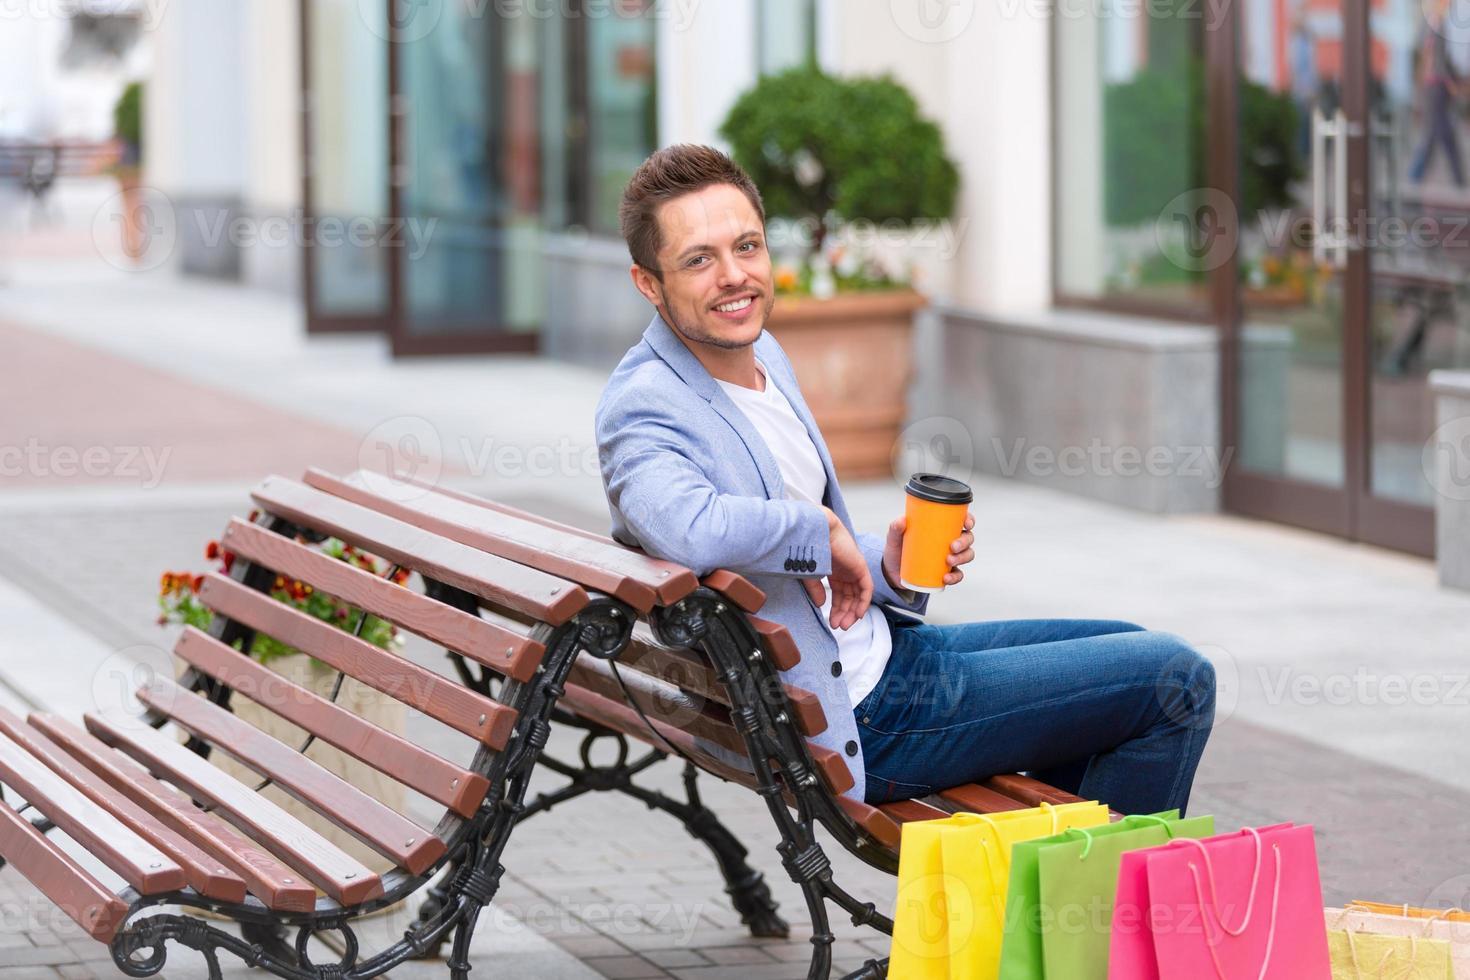 Shopaholic photo